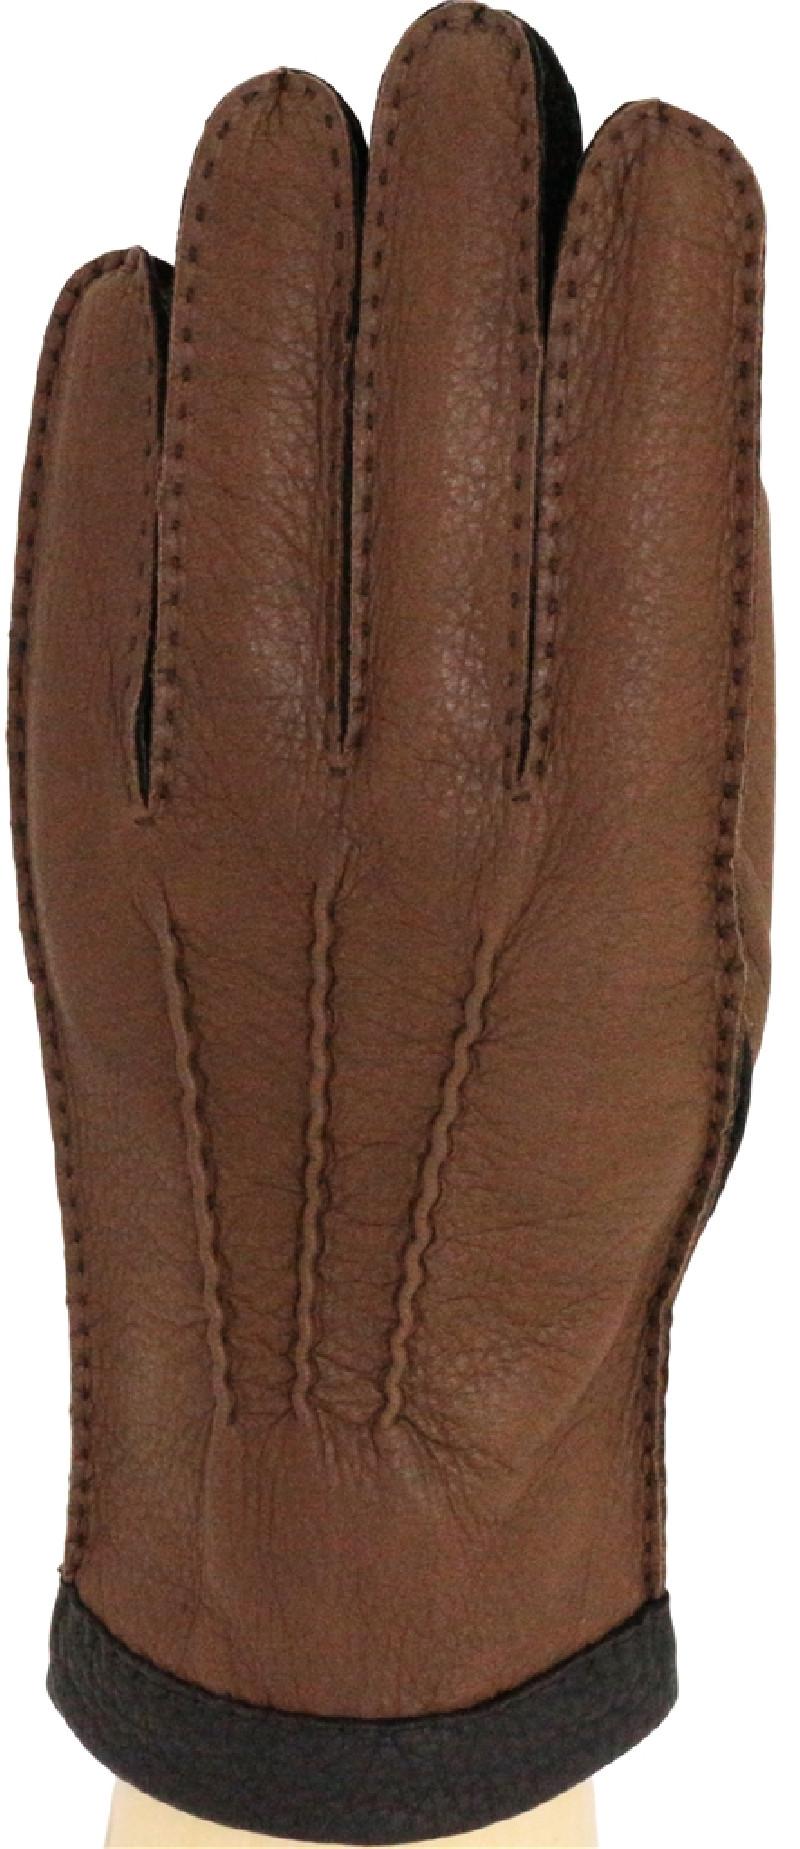 Soway Broche anti UV Spinali Design le premier chapeau connecté européen. - SOWAY CONNECTION - 36,00 € - Falbalas st junien